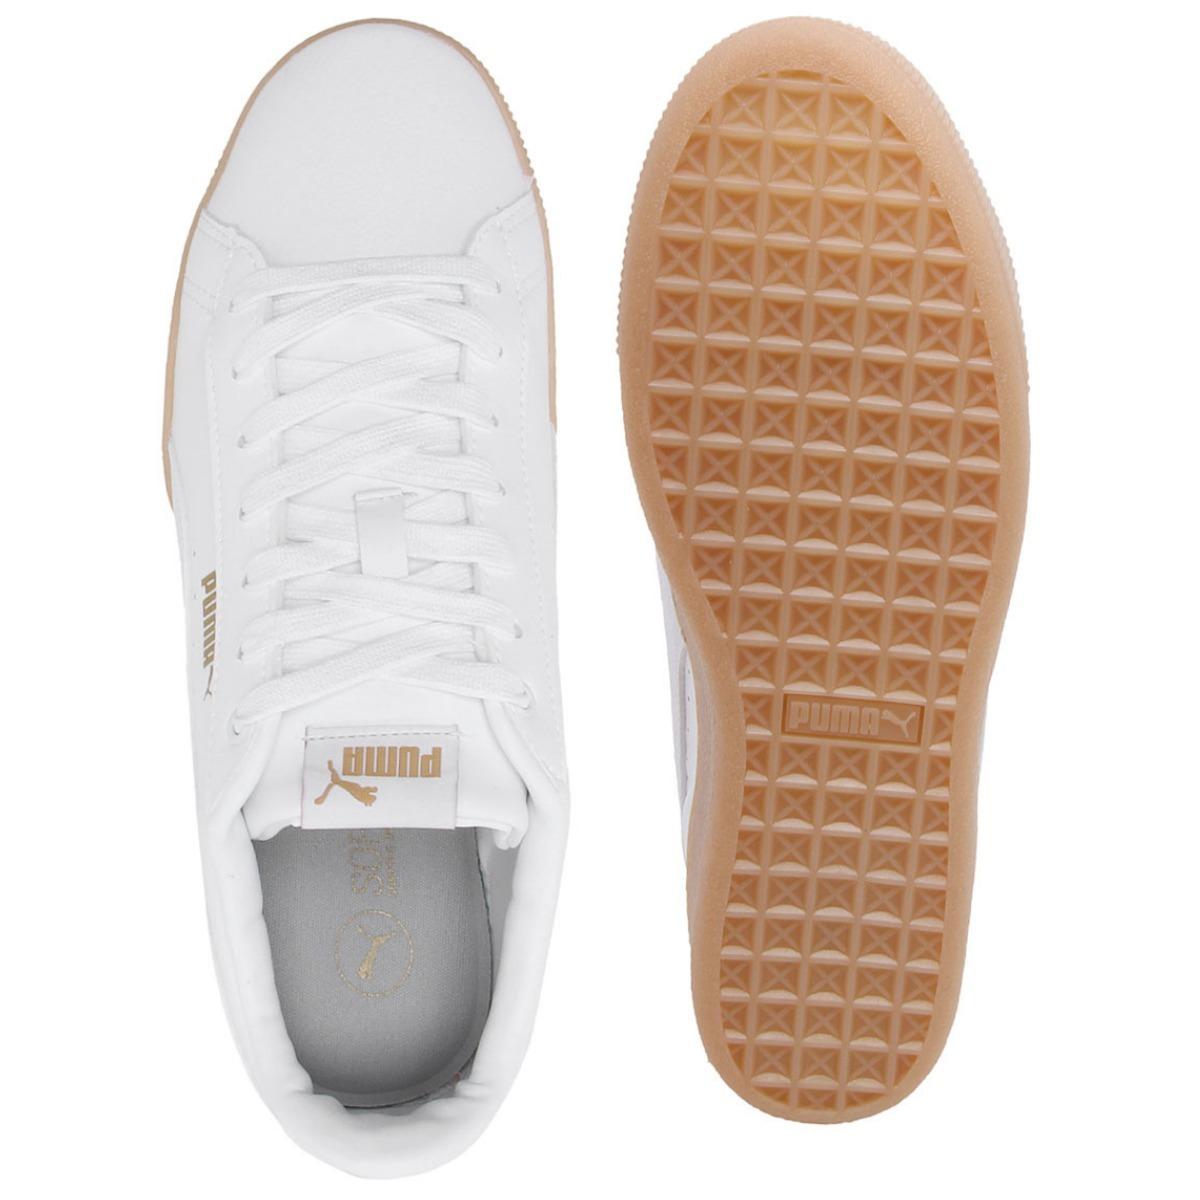 fef830cd029 tênis puma feminino vikky platform vt bdp - branco. Carregando zoom.